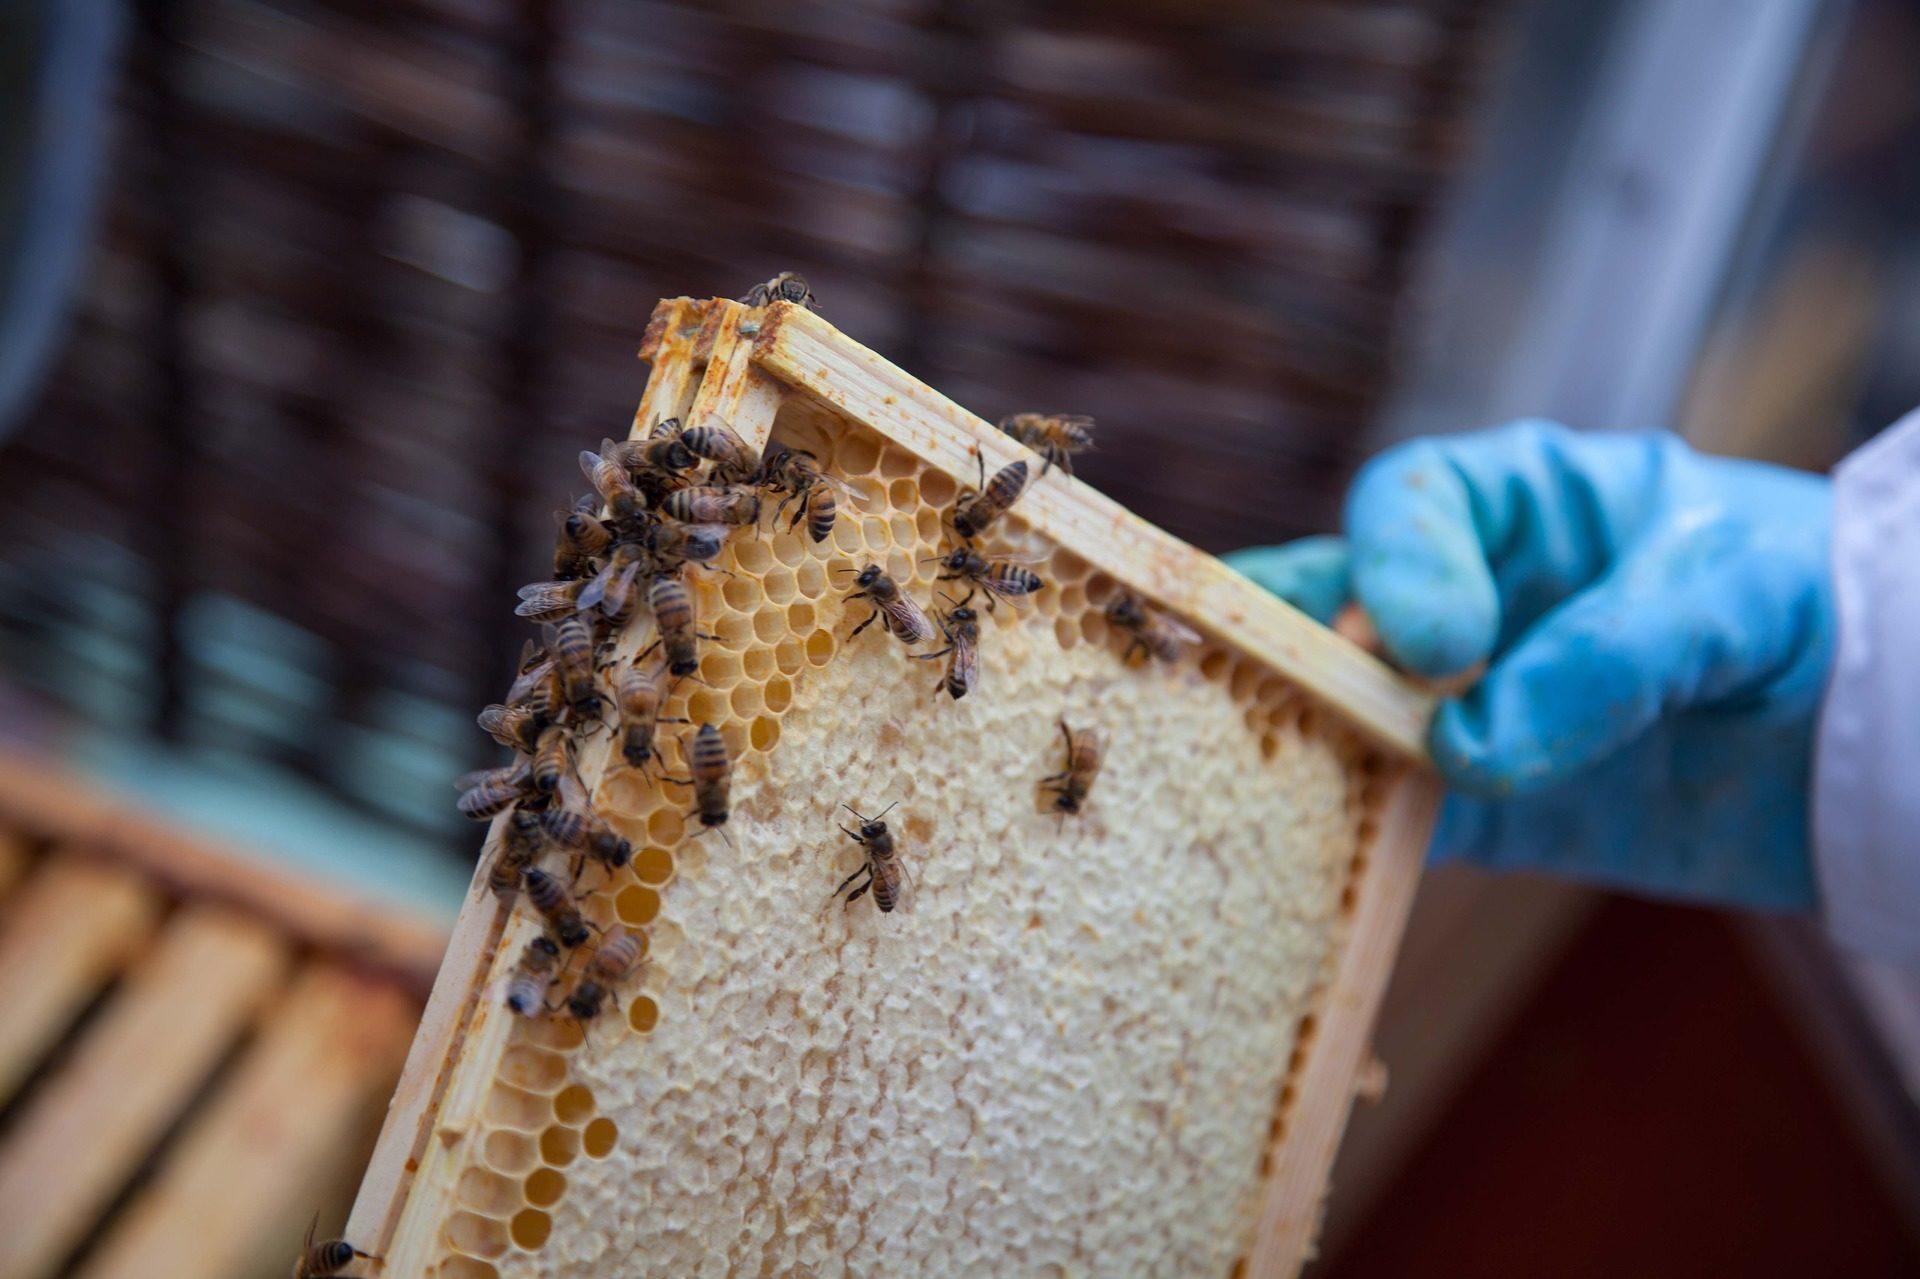 μέλισσες, πάνα, Κυψέλη, μέλι, συλλέκτης, μελισσοκομία - Wallpapers HD - Professor-falken.com